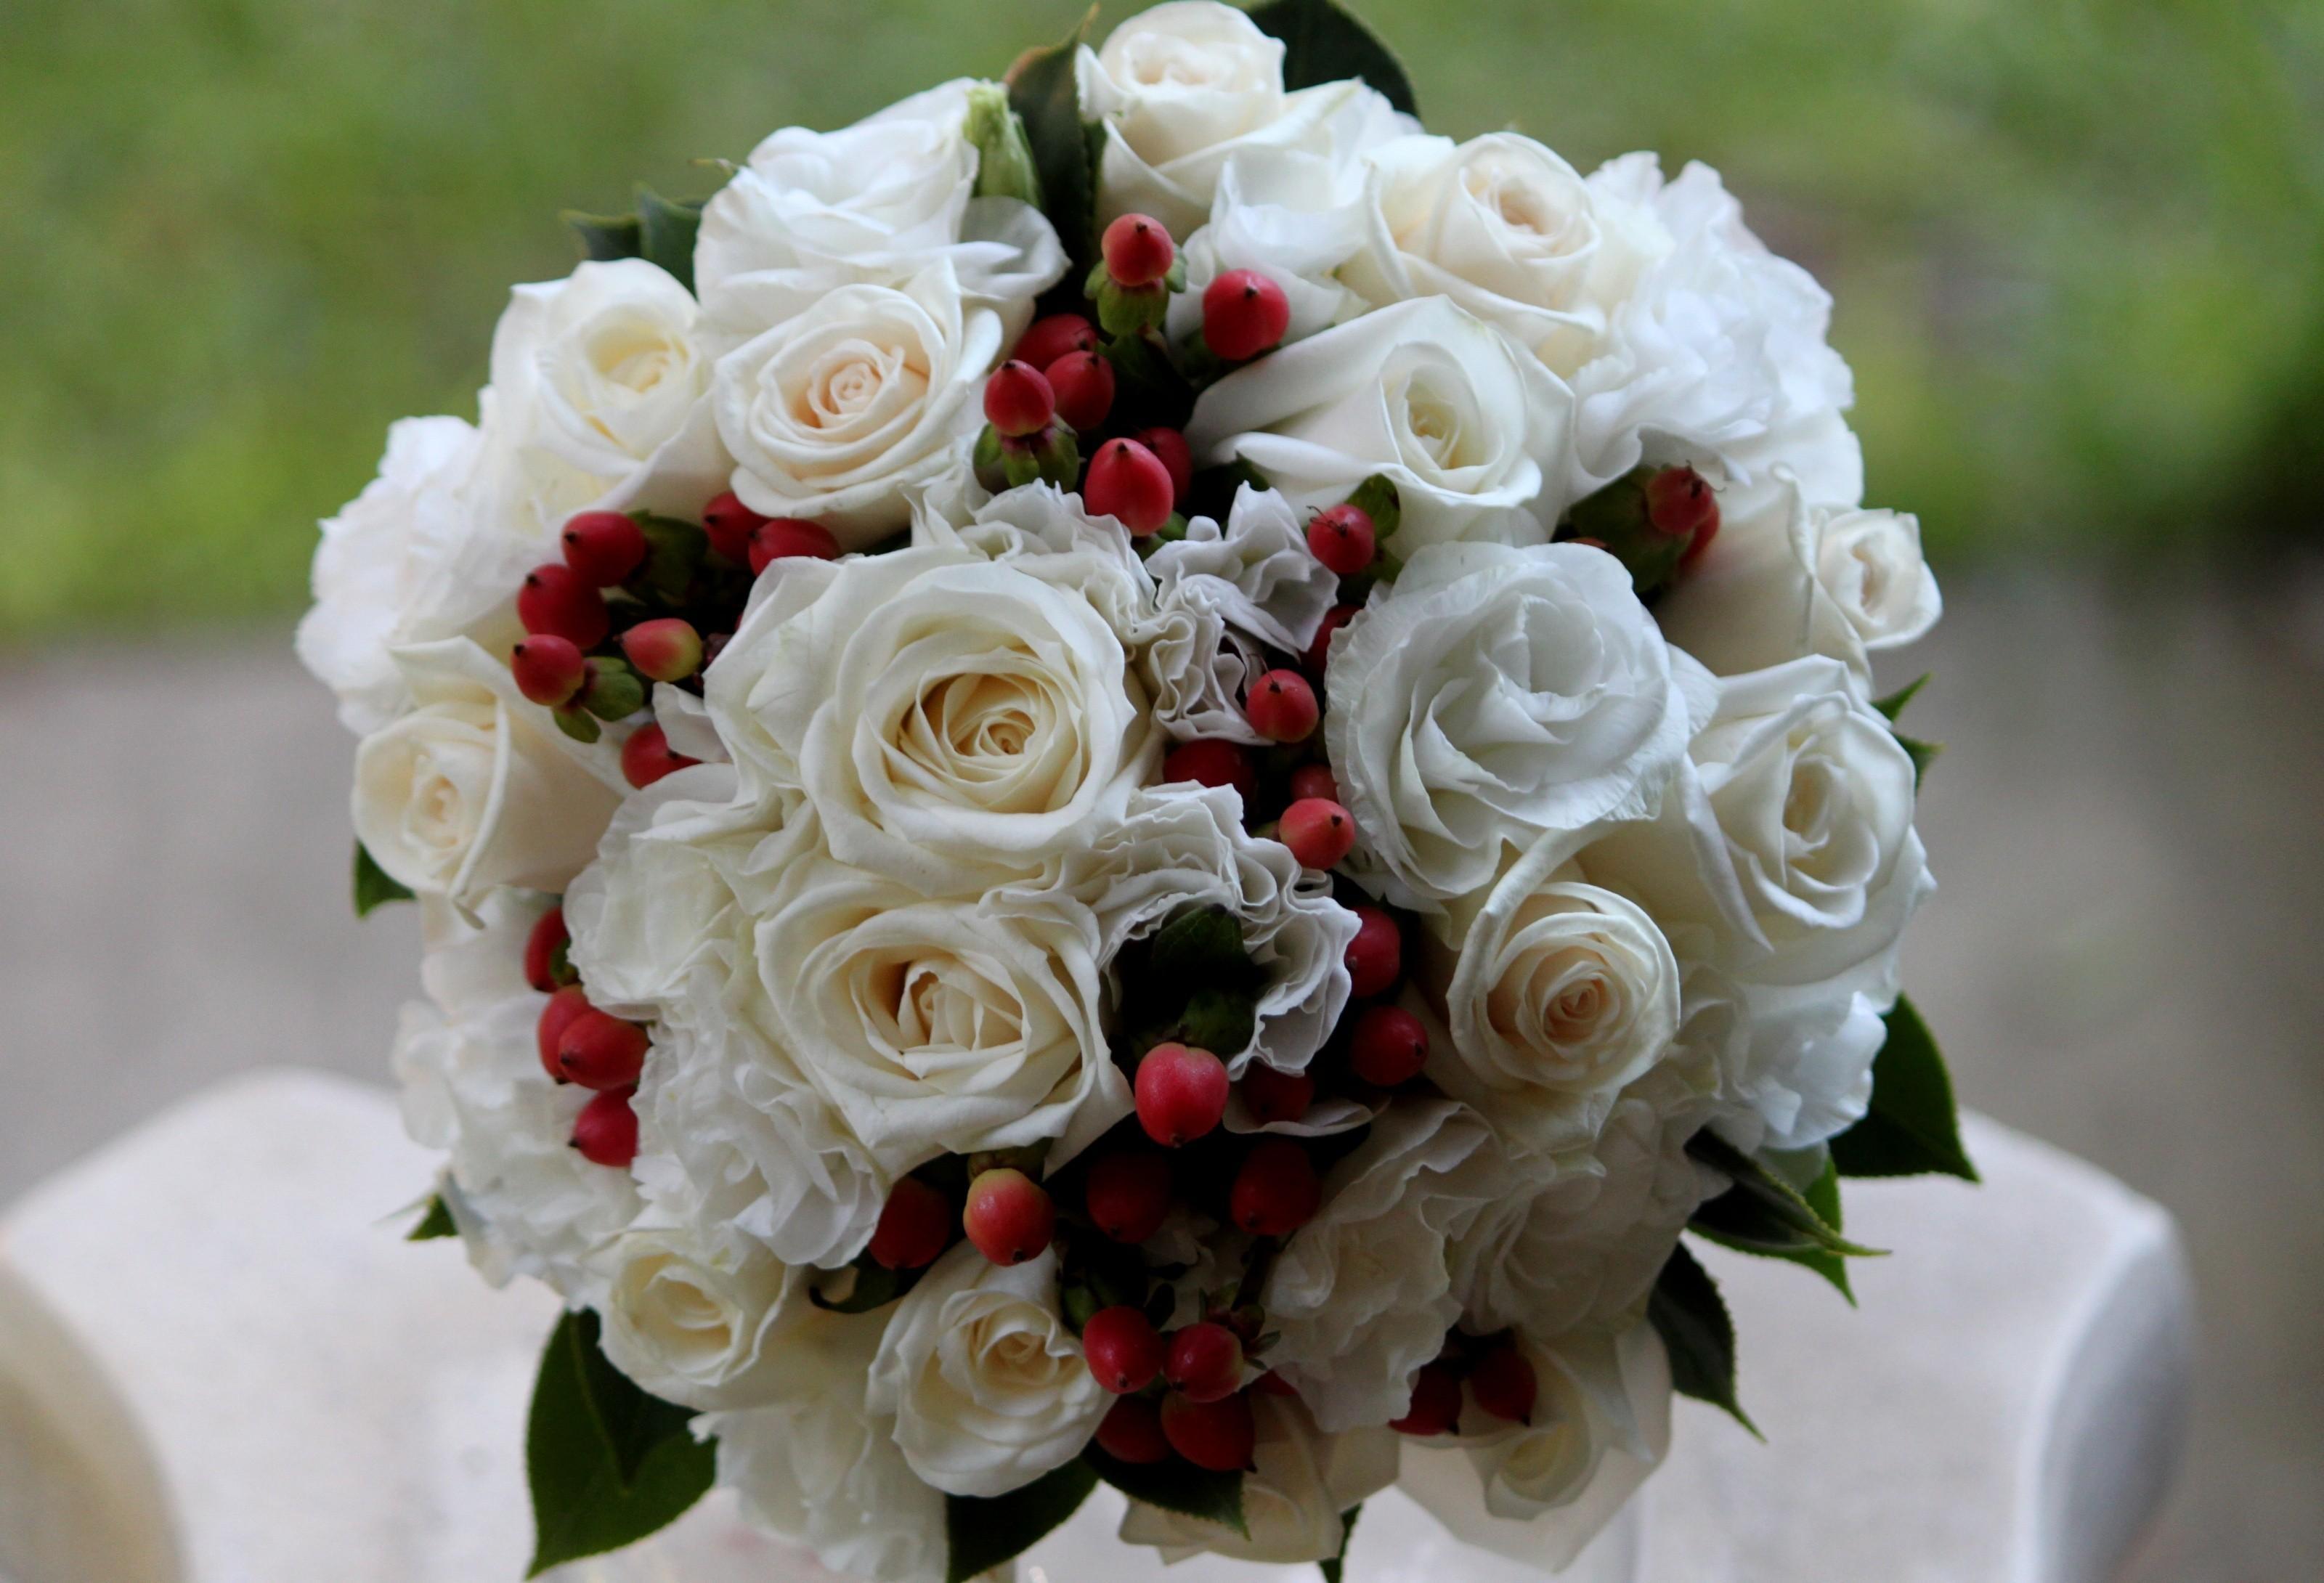 Красивые фото букетов цветов роз